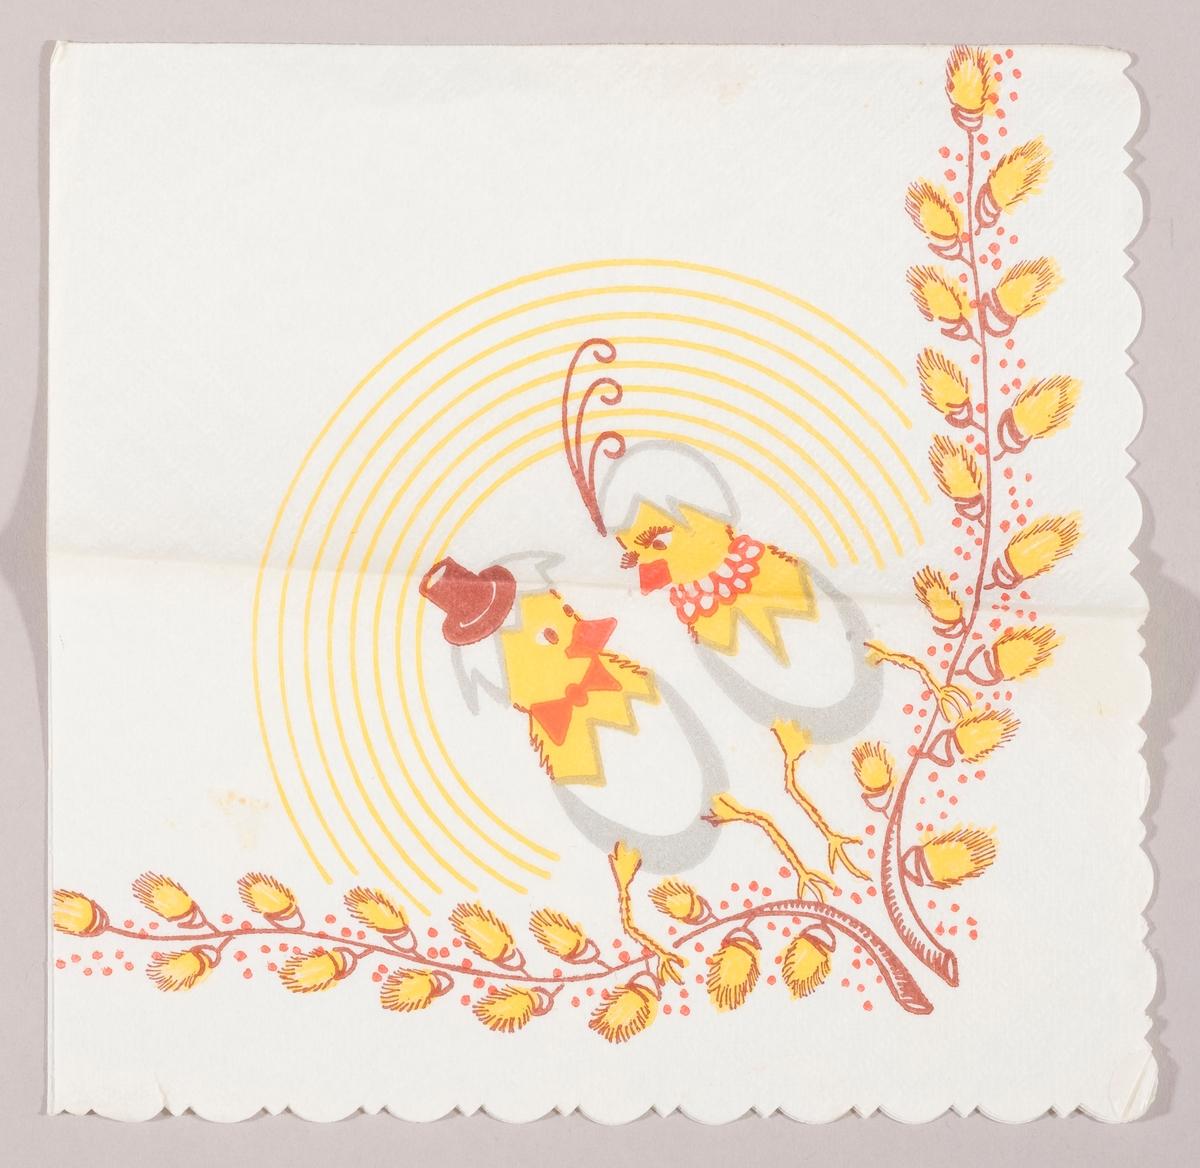 """To kyllinger kledt i eggeskal. Den ene kyllingen har herrehatt og sløyfe. Den andre kyllingen har fjer på hodeskallet og halsskjede. Grener med """"gåsunger"""" langs kanten. Runde gule striper i bakgrunnen."""